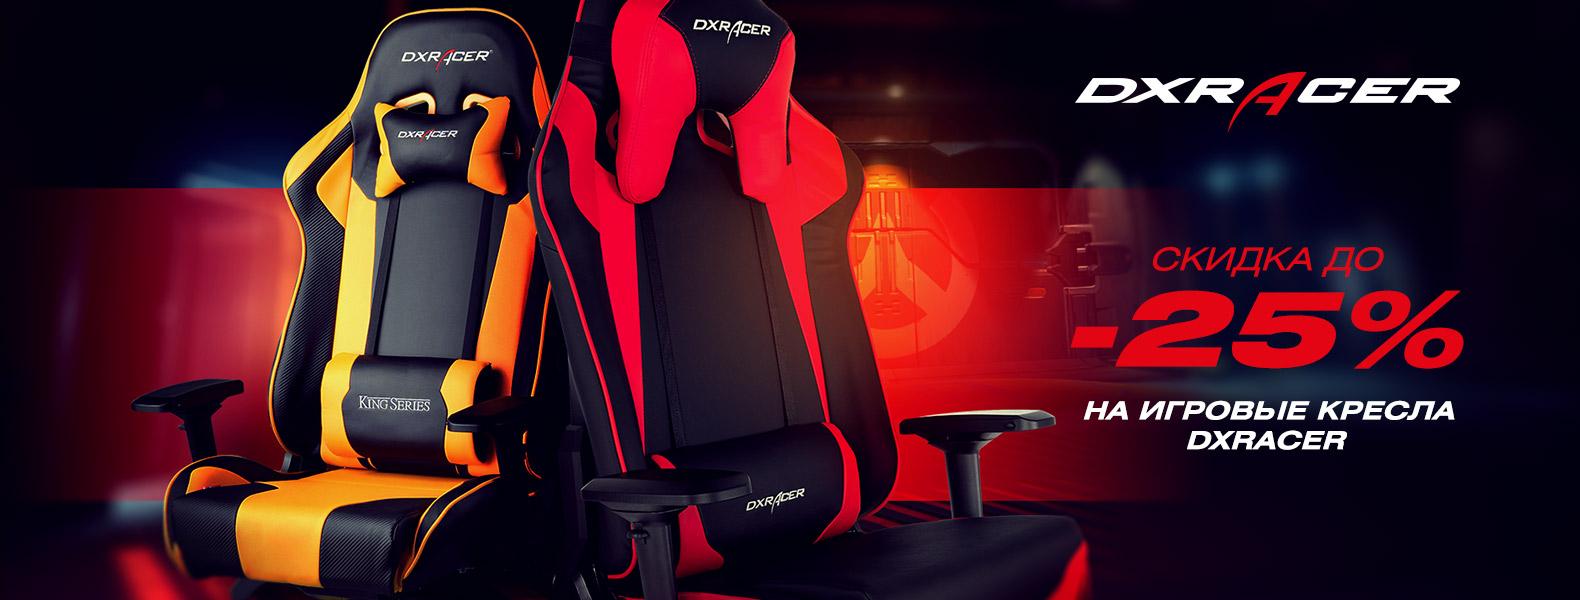 Скидки до 25% на игровые кресла DXRacer